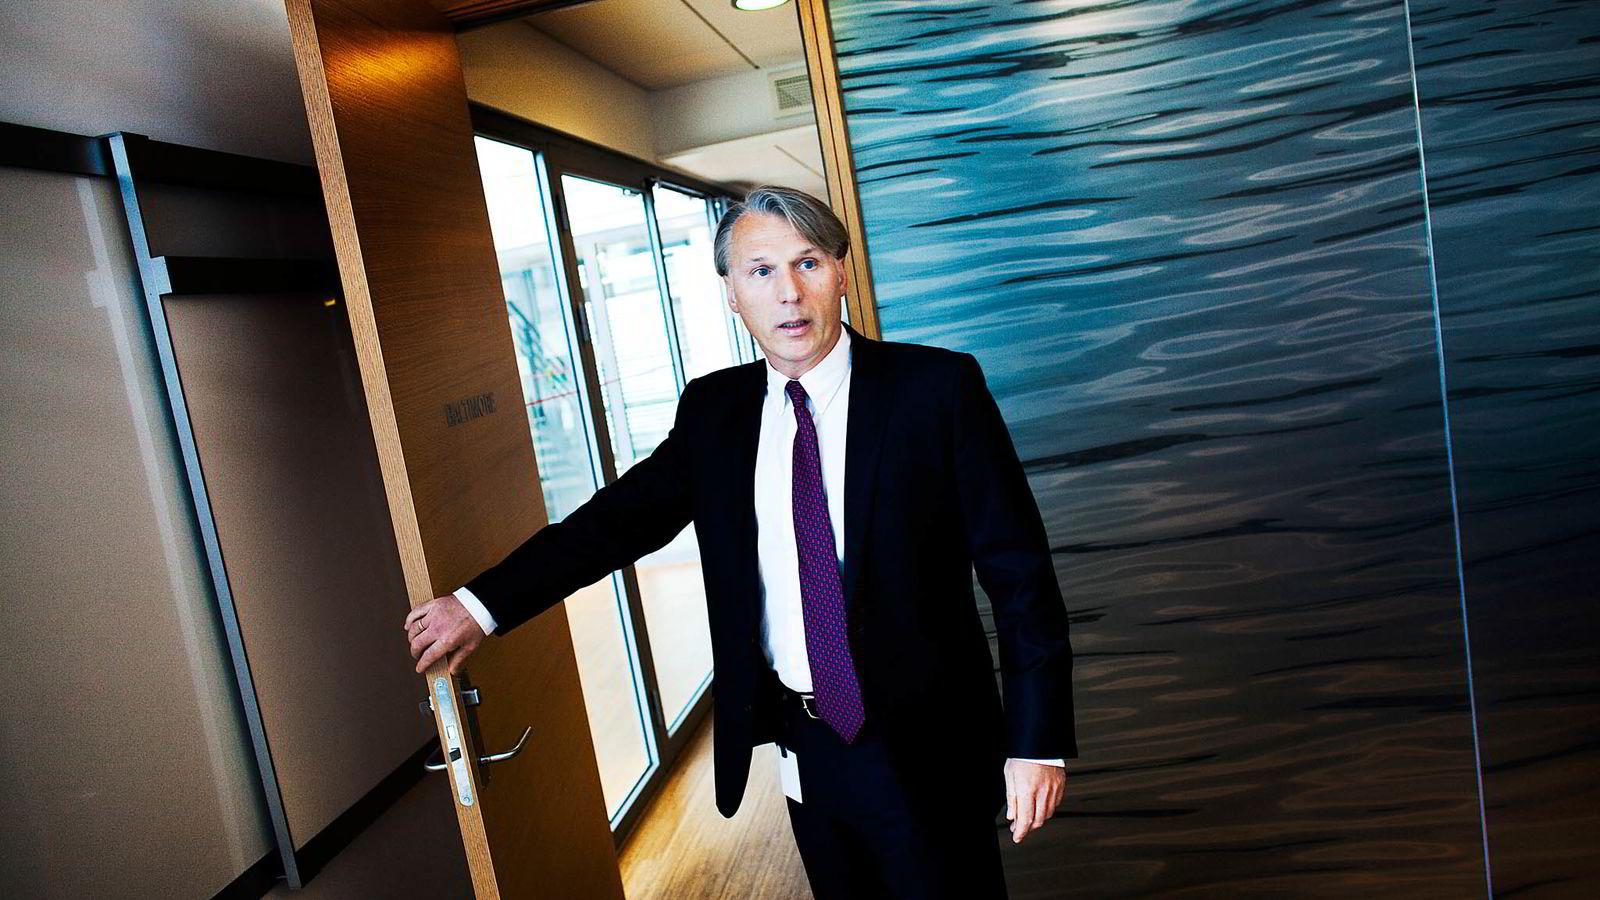 Höegh LNG-sjef Sveinung J.S. Støhle tenker fortsatt vekst.